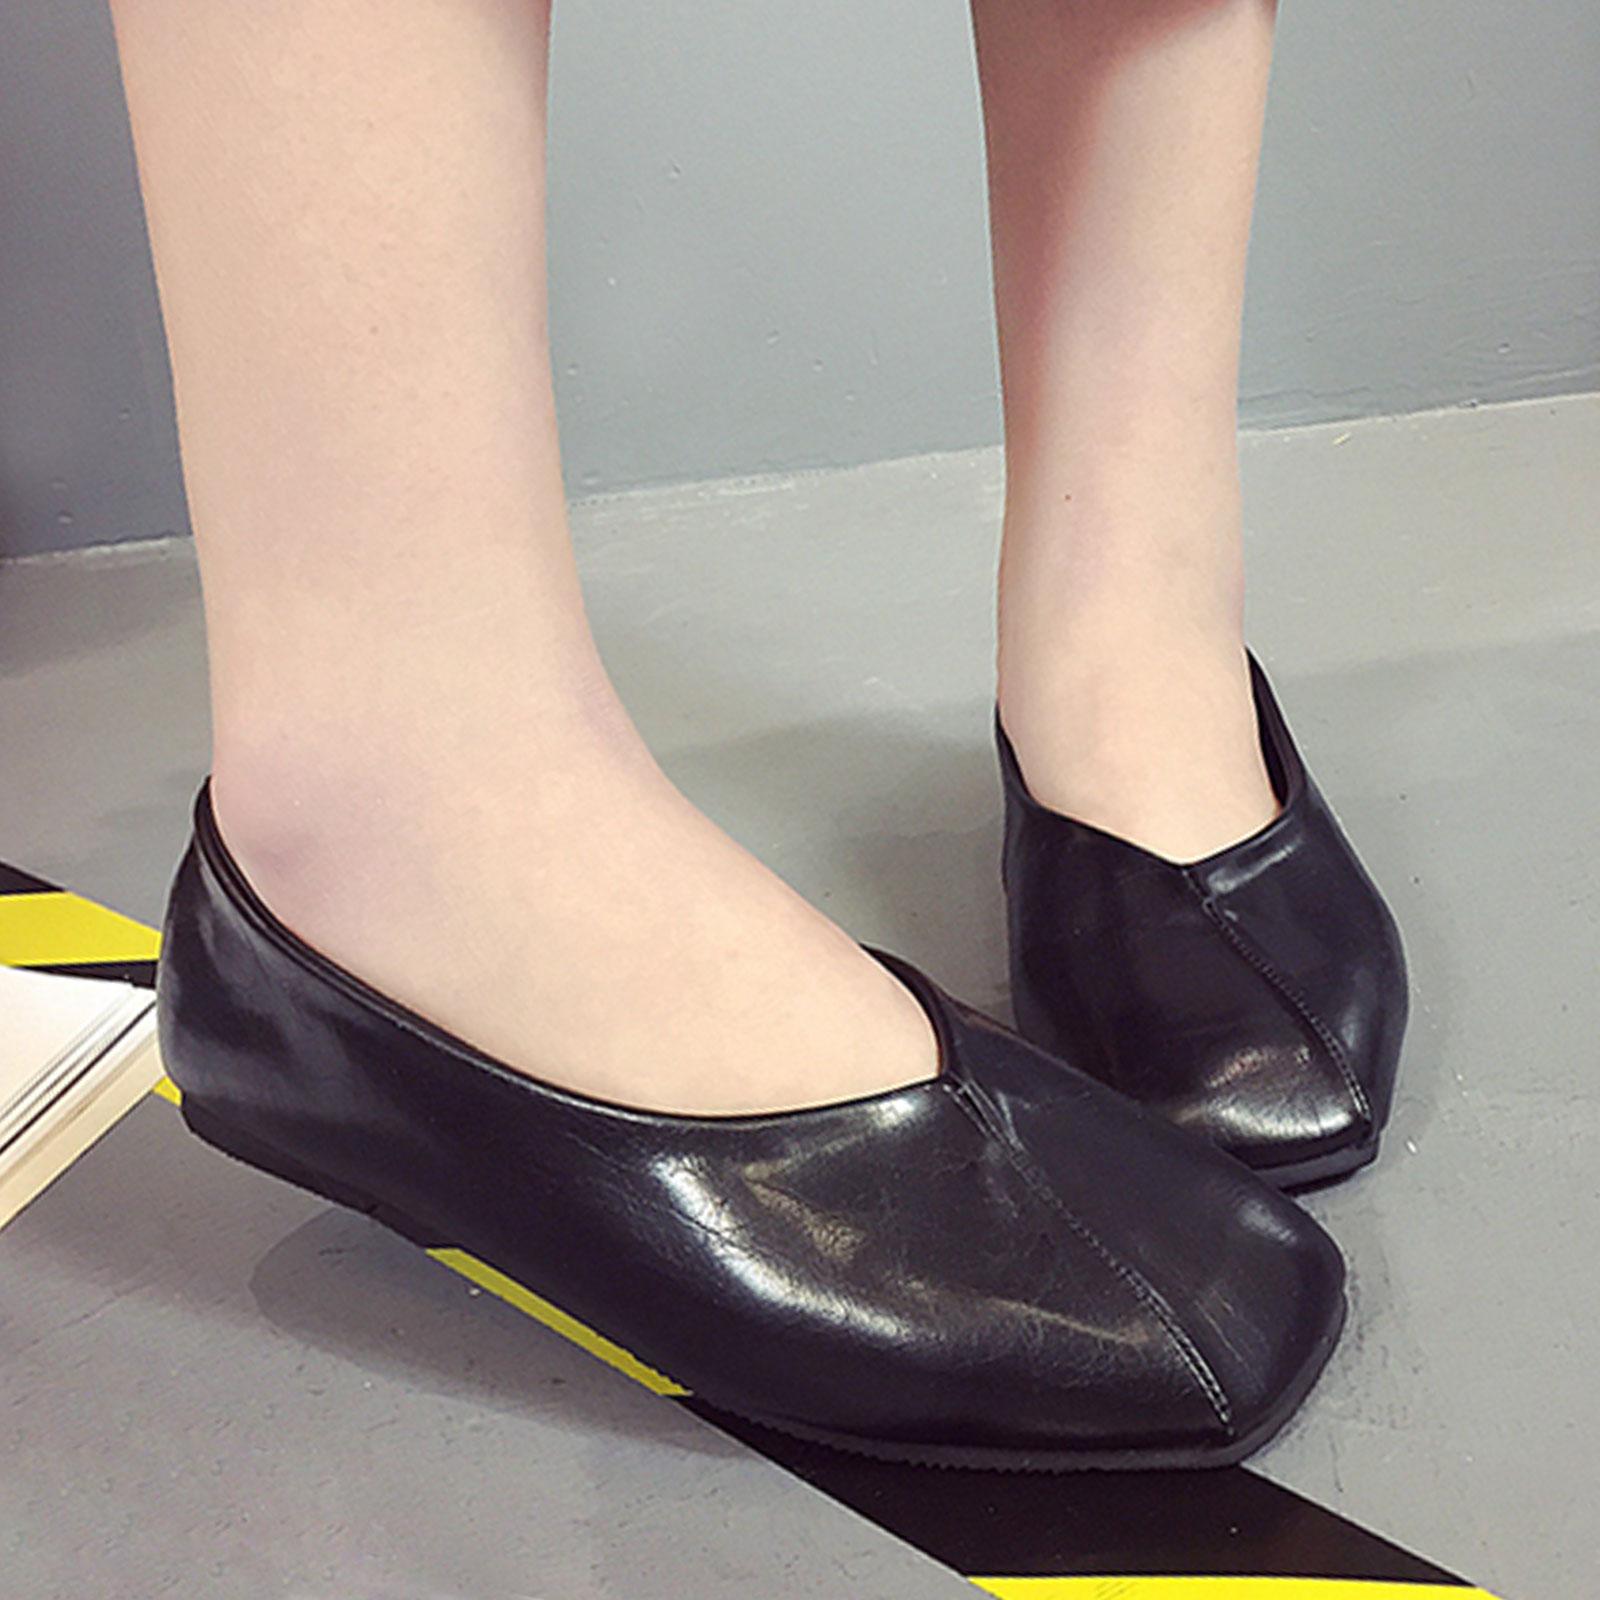 懶人鞋 奶奶鞋 韓版復古淺口方頭懶人鞋【S1681】☆雙兒網☆ 3